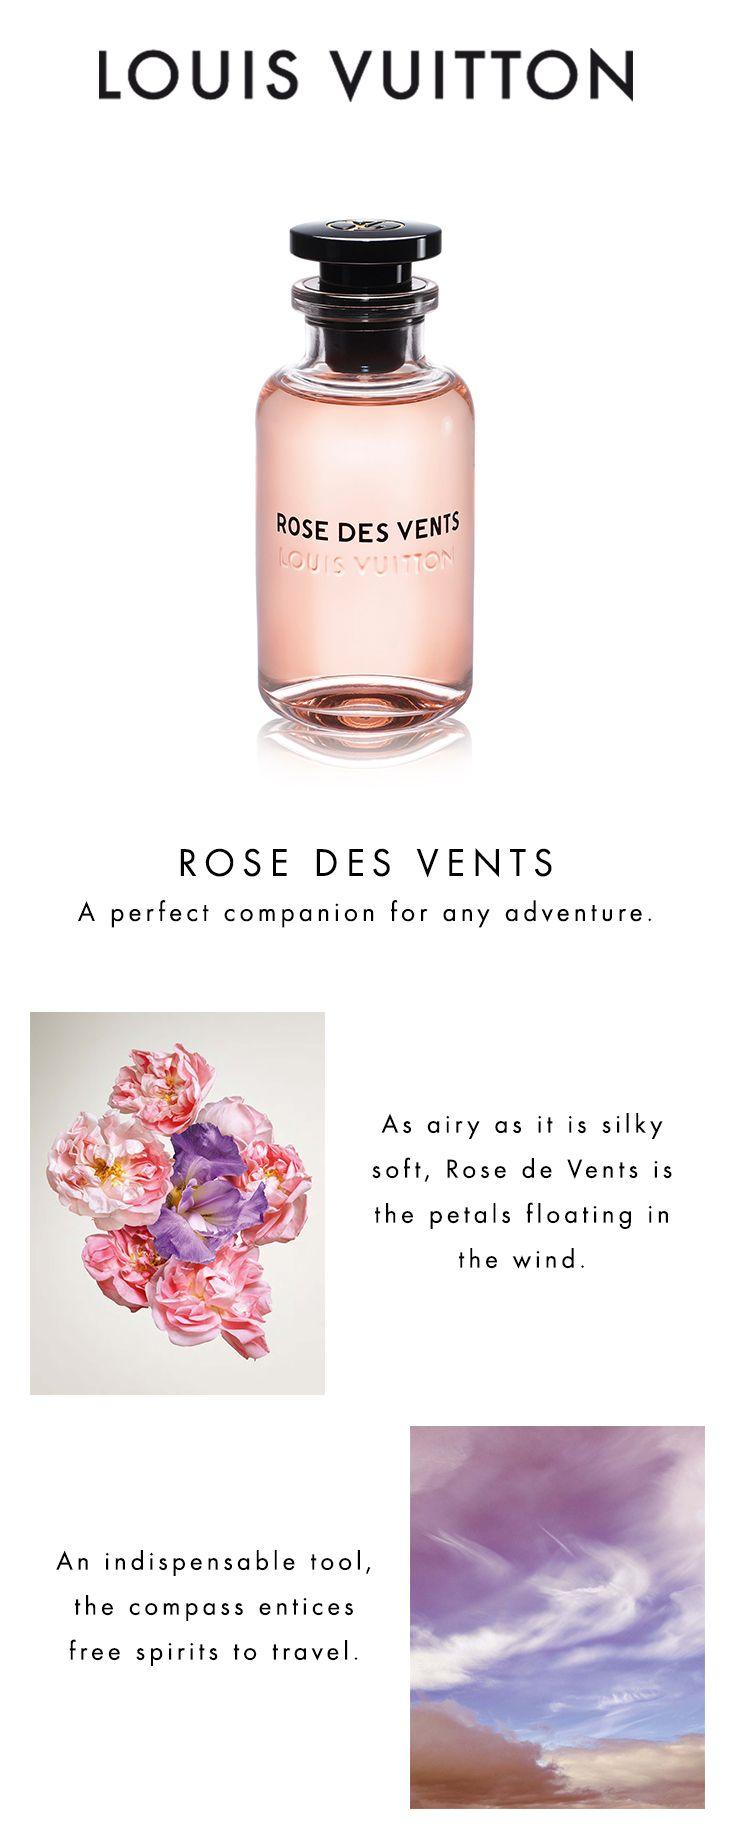 Rose Des Vents Les Parfums Louis Vuitton A Whisper Of